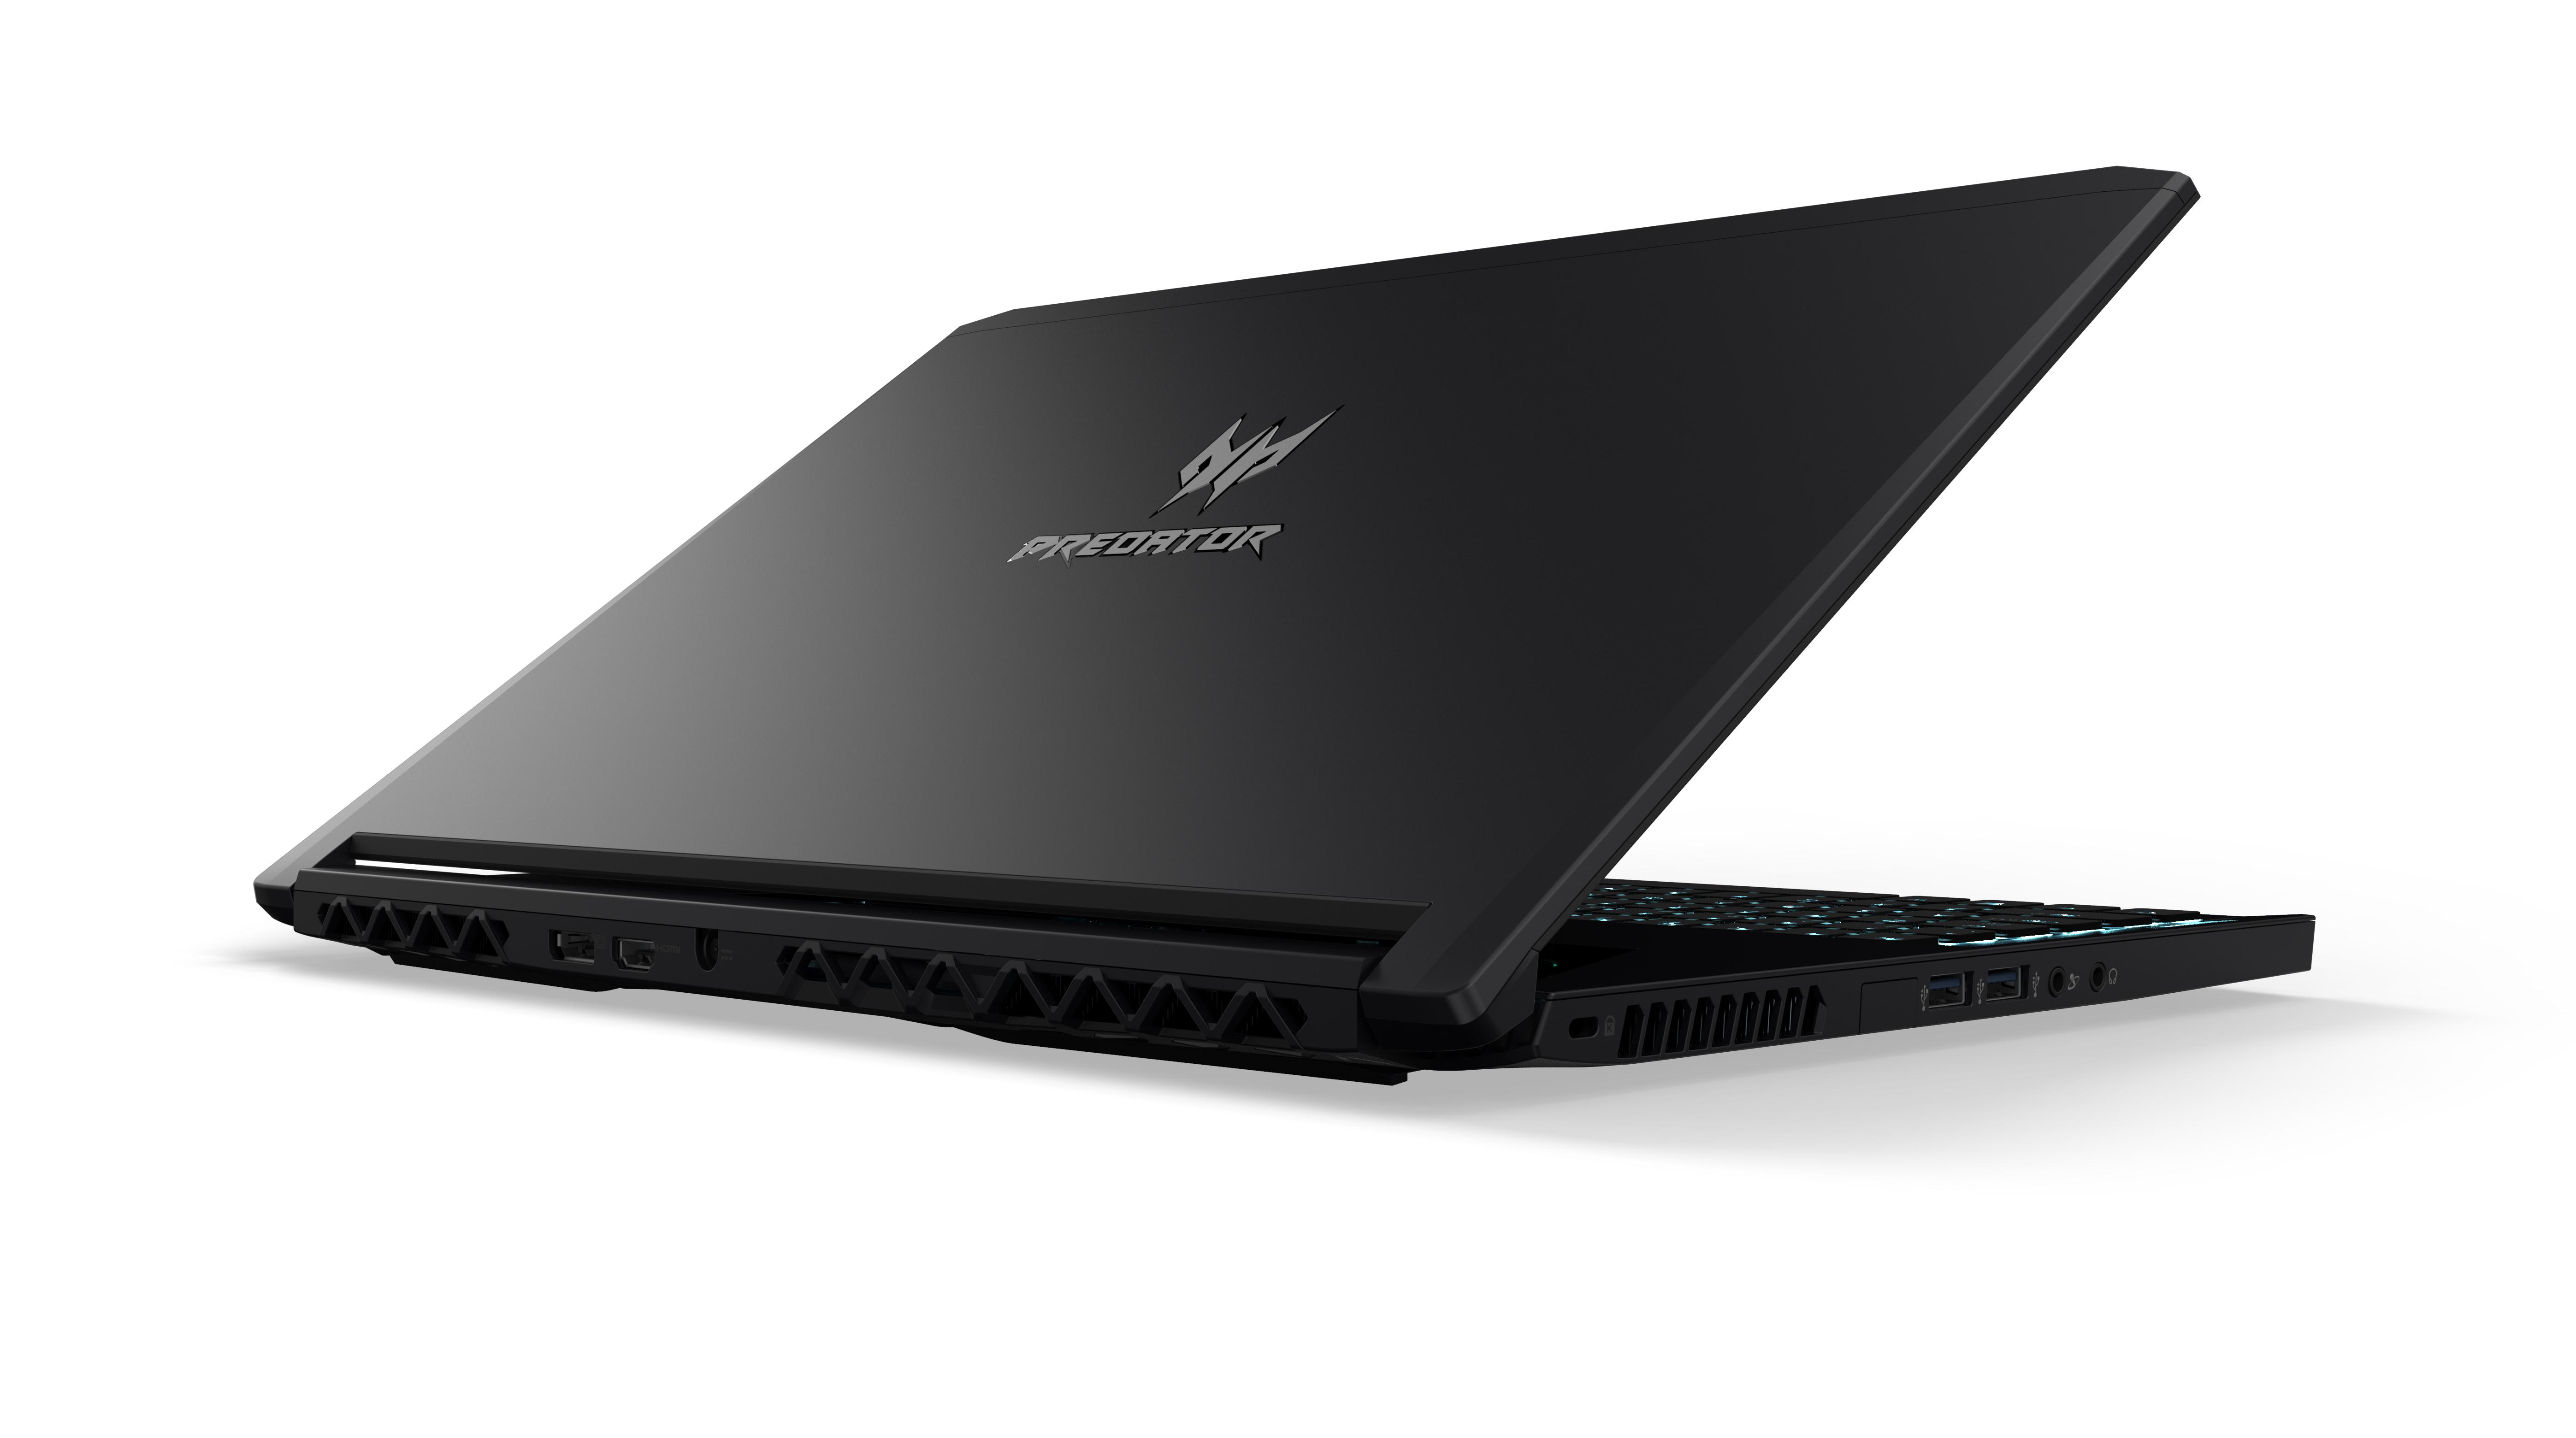 Wyjątkowo smukły notebook dla graczy, Acer Predator Triton 700, wyposażony w najnowszą kartę graficzną NVIDIA GeForce GTX 1080